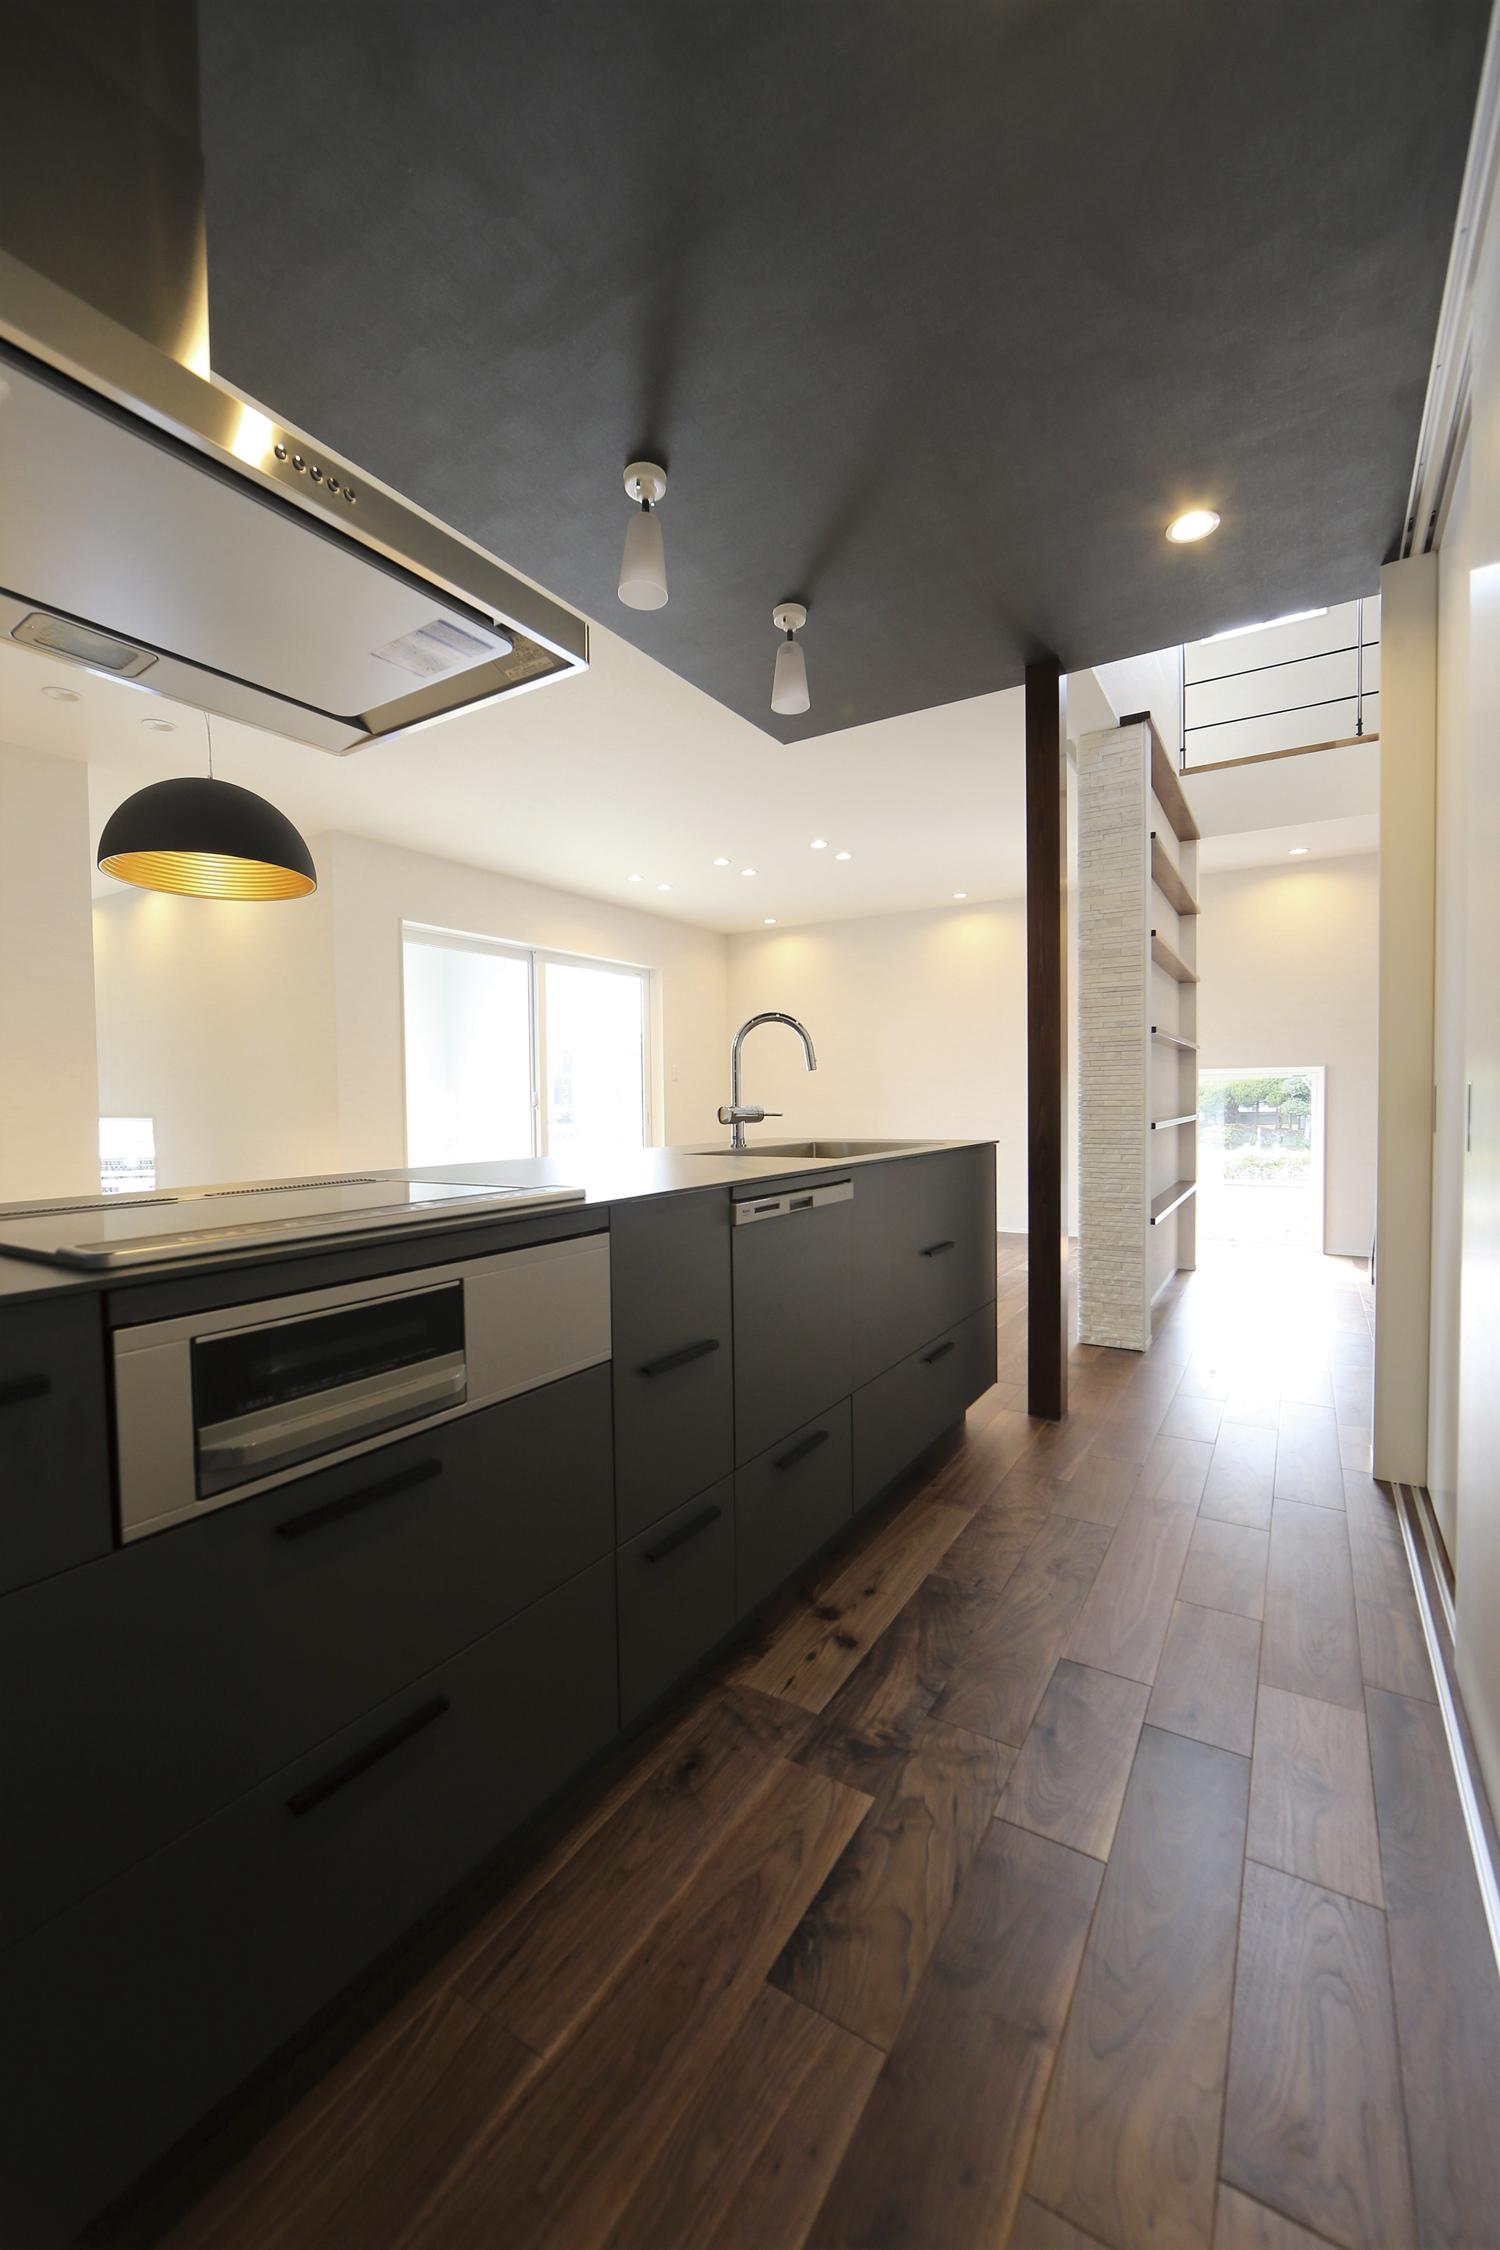 福山市の注文住宅|今井住建の施工事例ギャラリー「濃いグレーを基調としたキッチン」